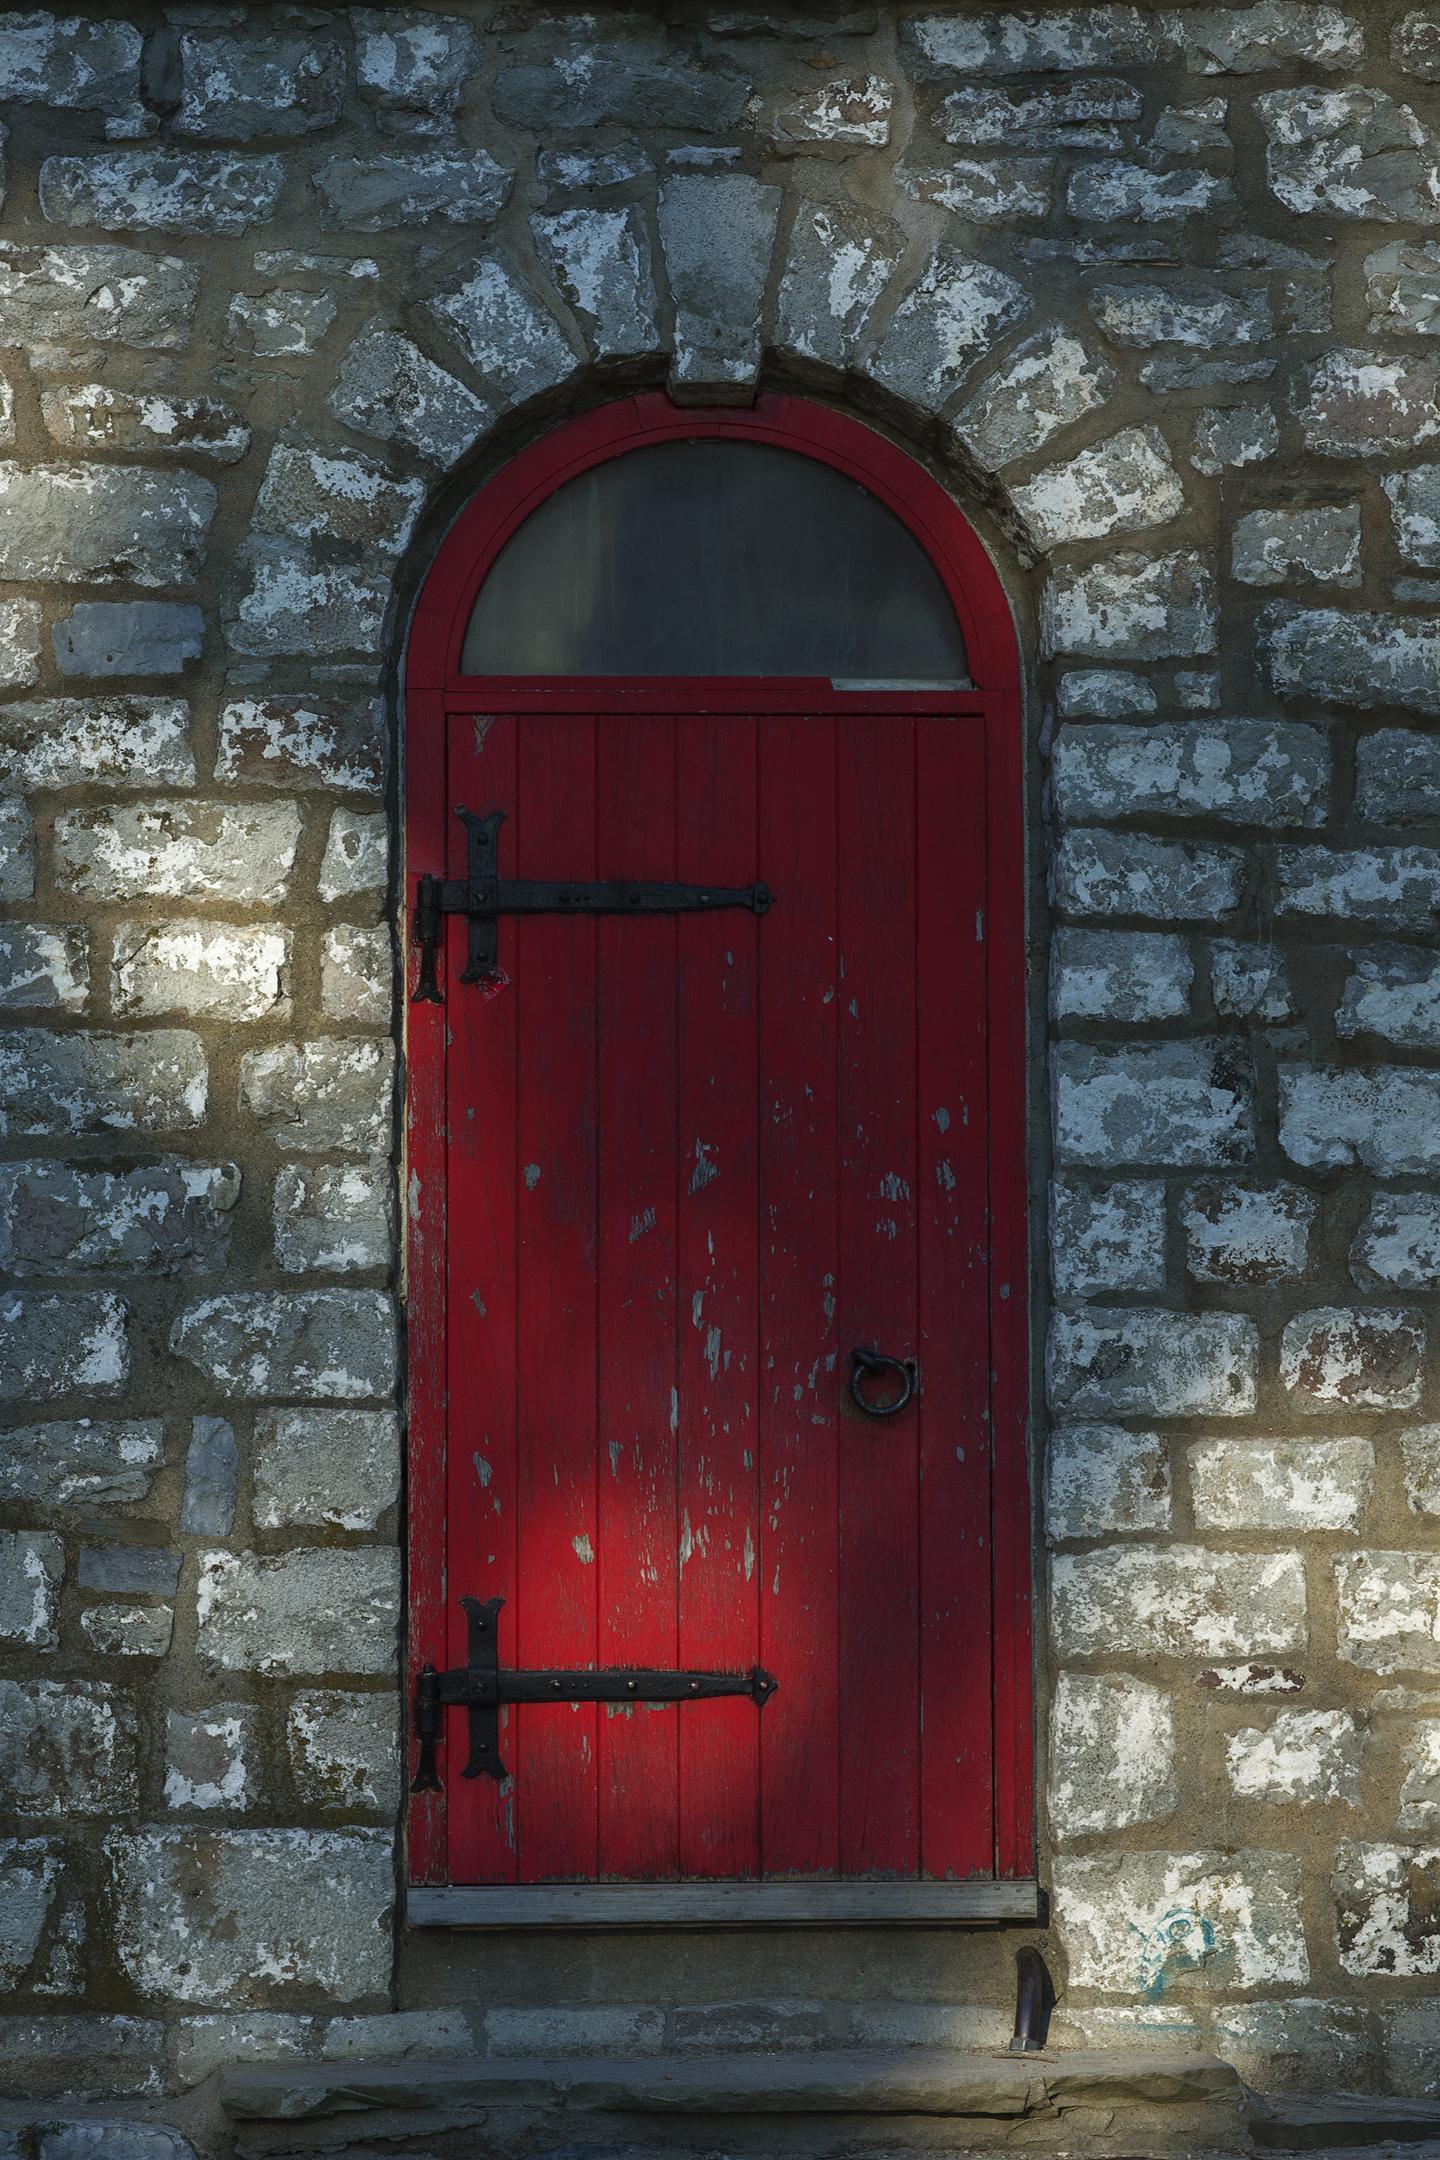 - behind the red door